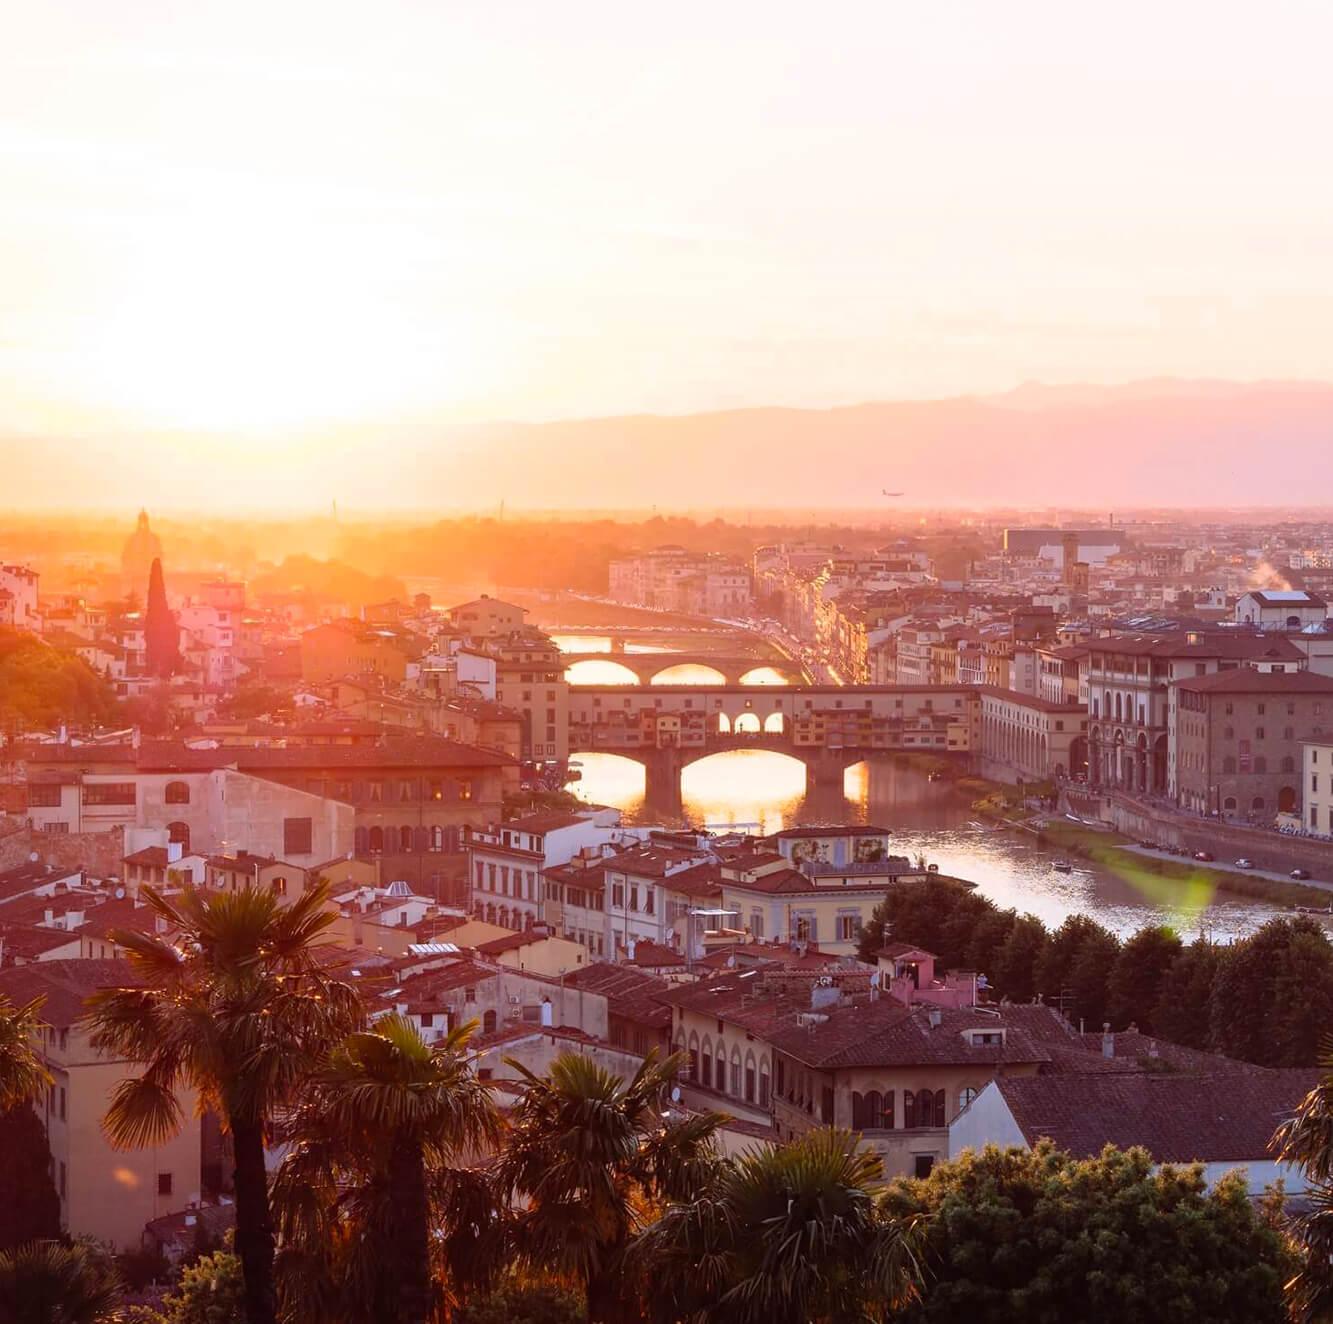 Sposarsi a Firenze, suggestive location e dimore antiche. Giulia Alessandri Wedding Planner: progettazione e coordinazione matrimoni in Toscana.